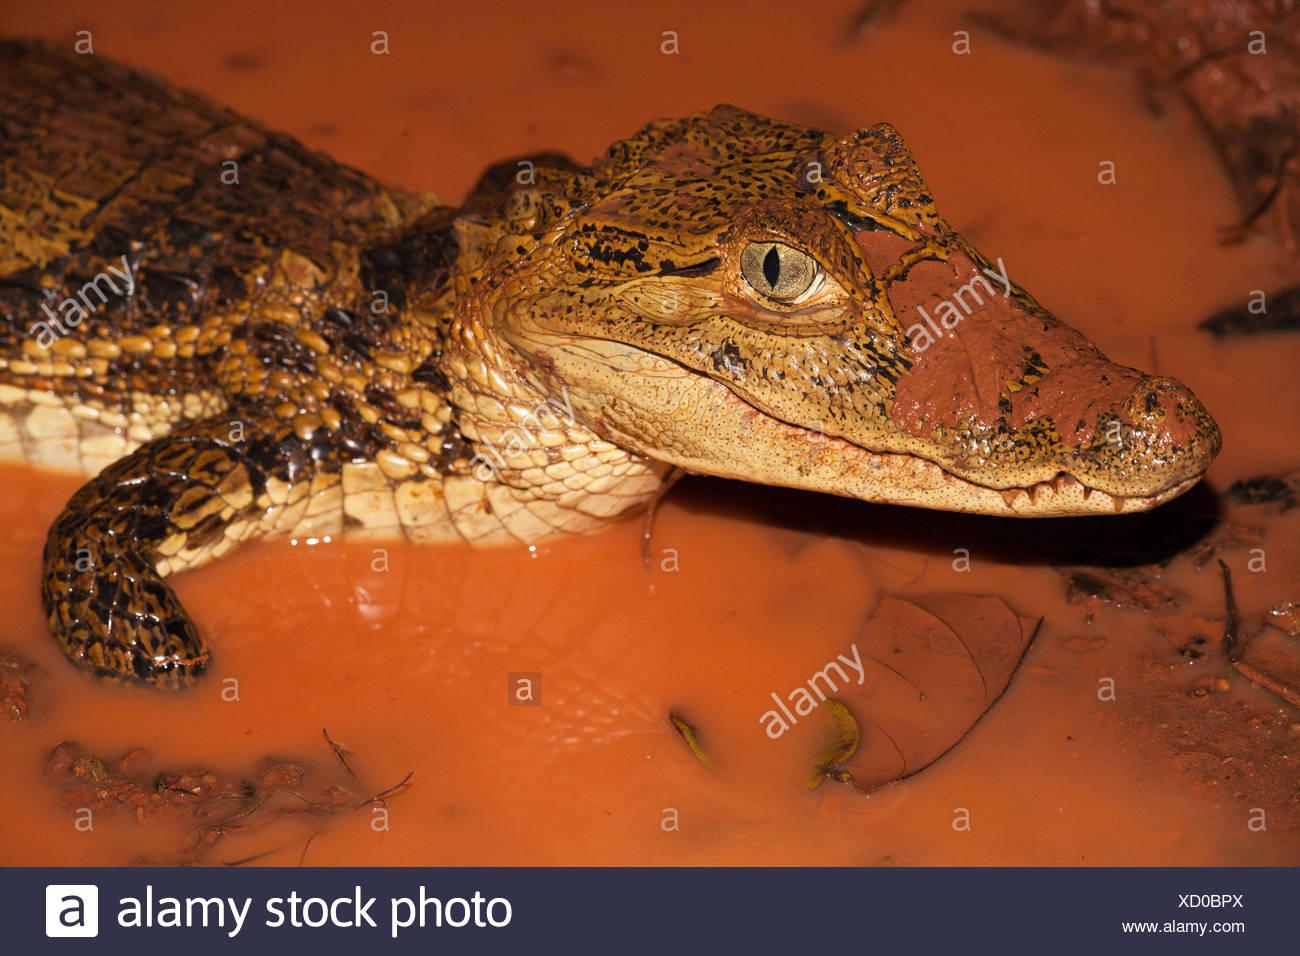 Foto van een brilkaaiman in een poel met rood modderig water; photo of a spectacled caiman in a pool with muddy red water; - Stock Image